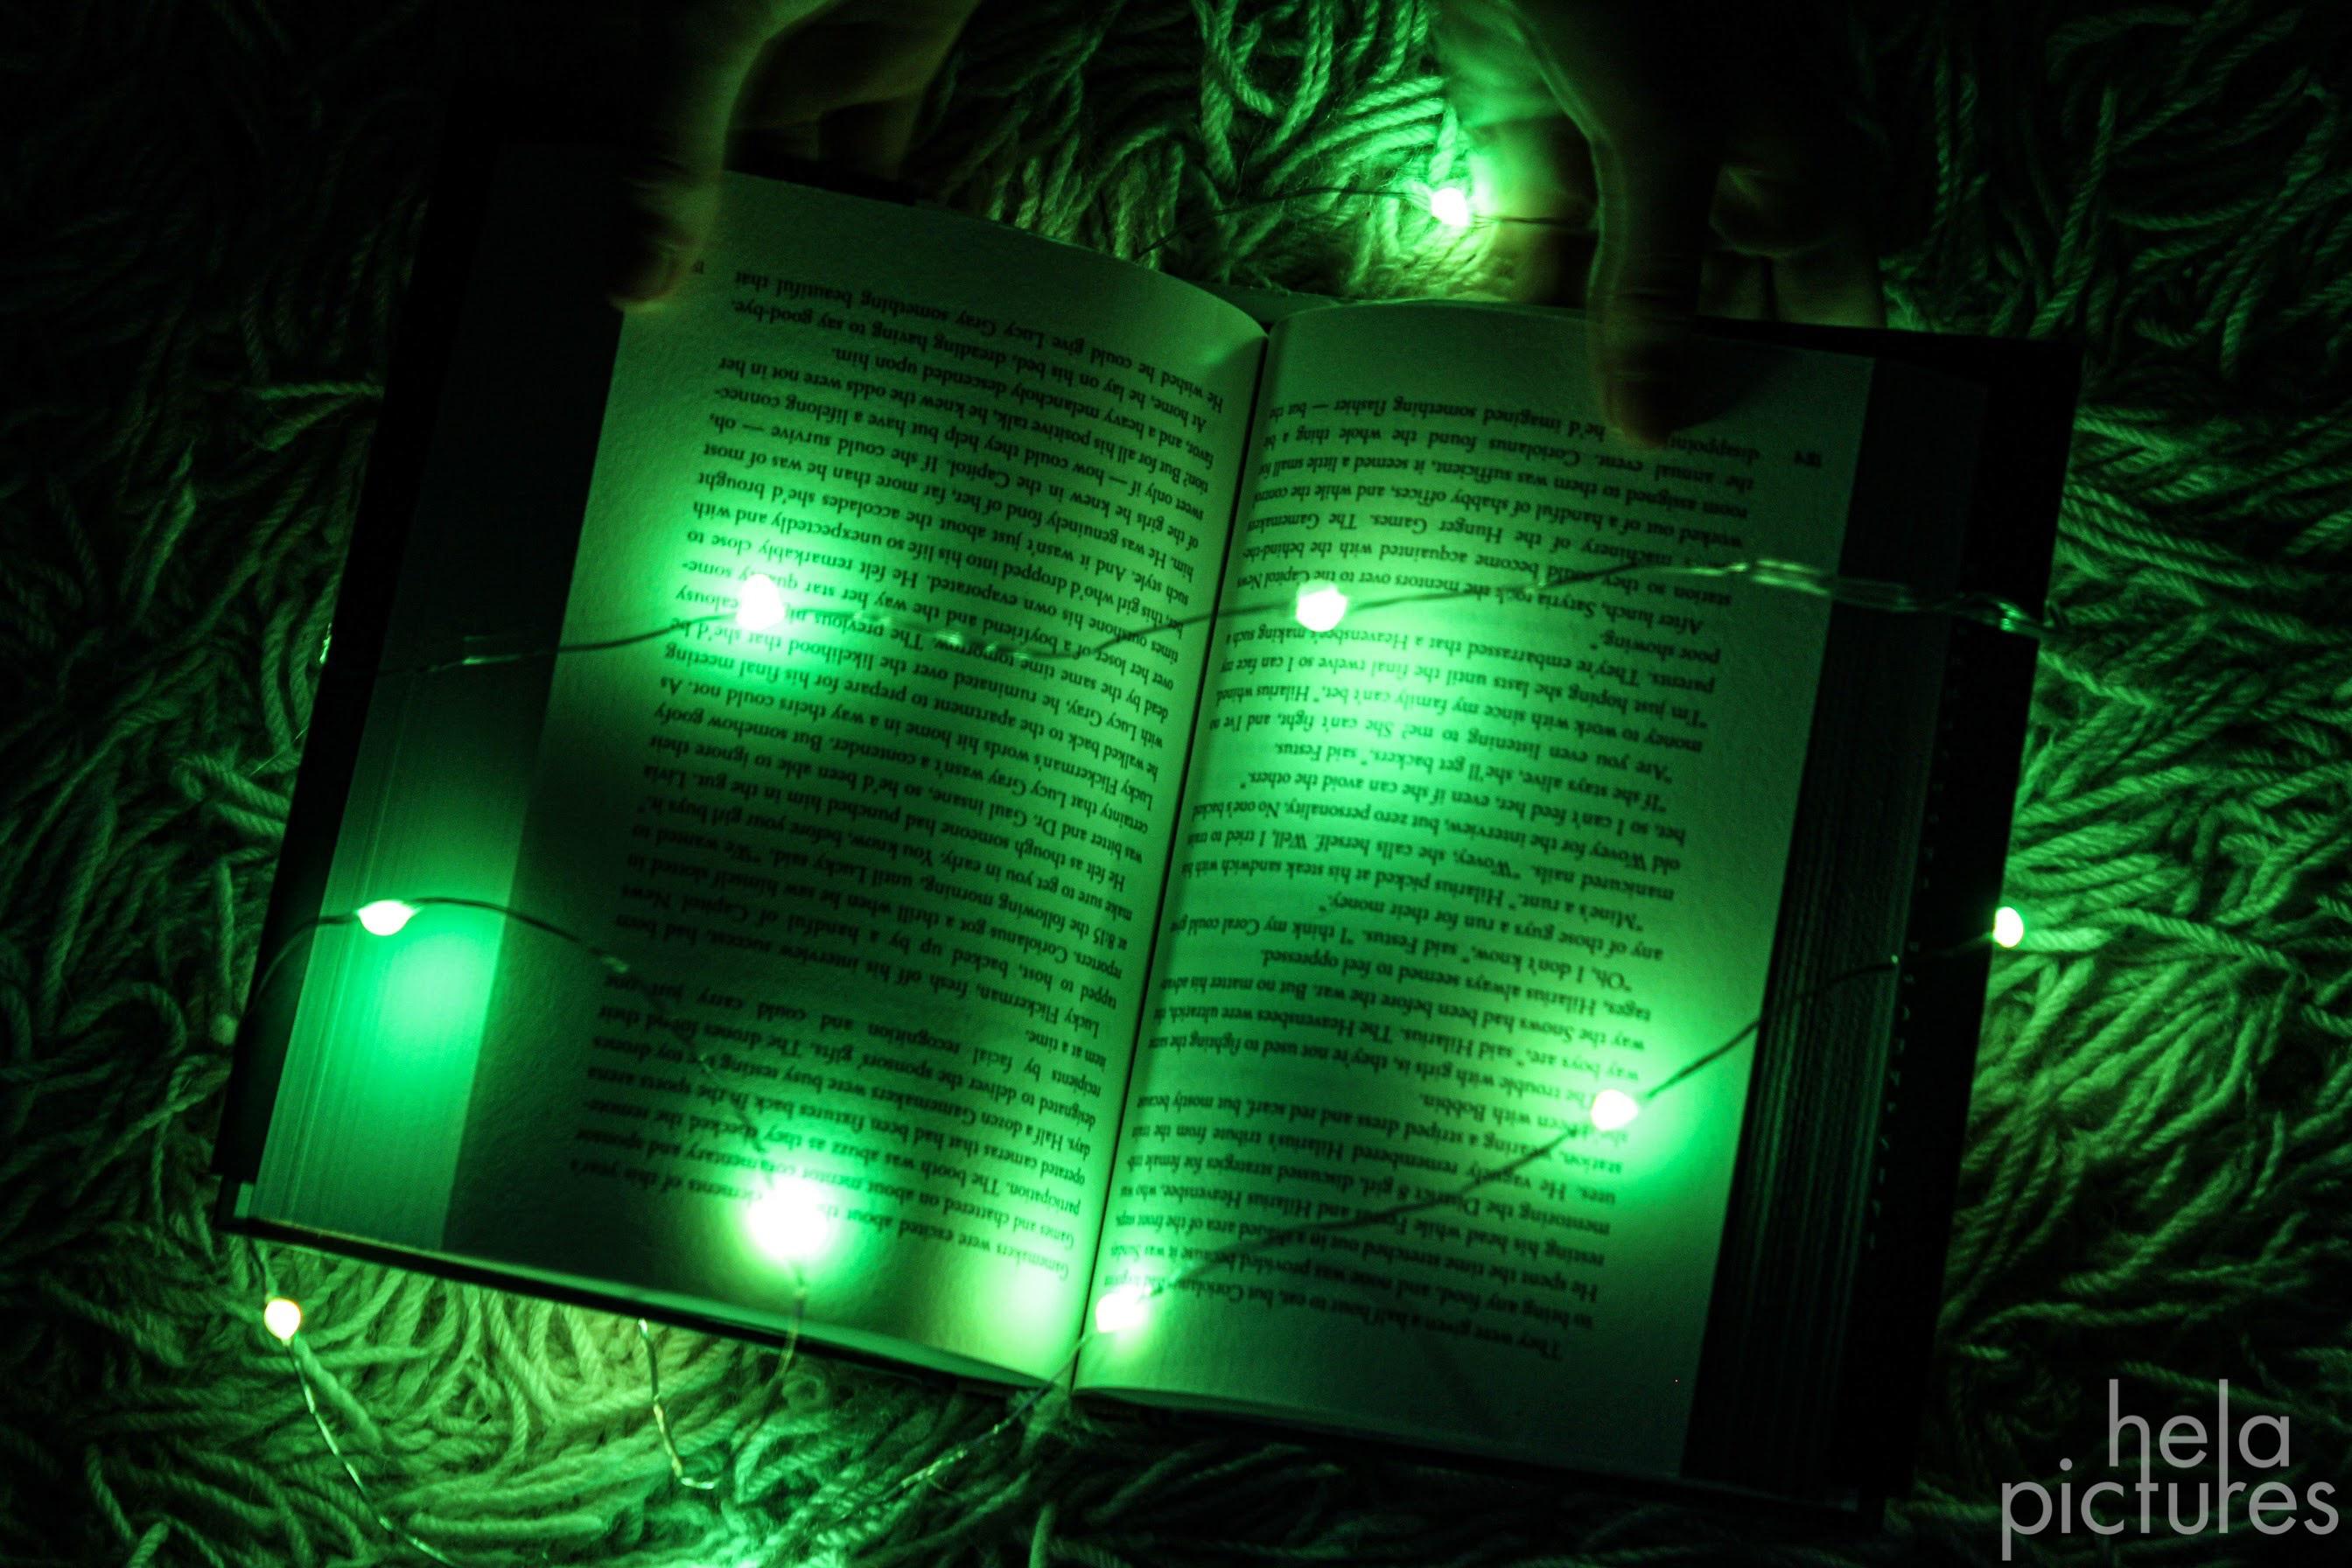 open book, green lights